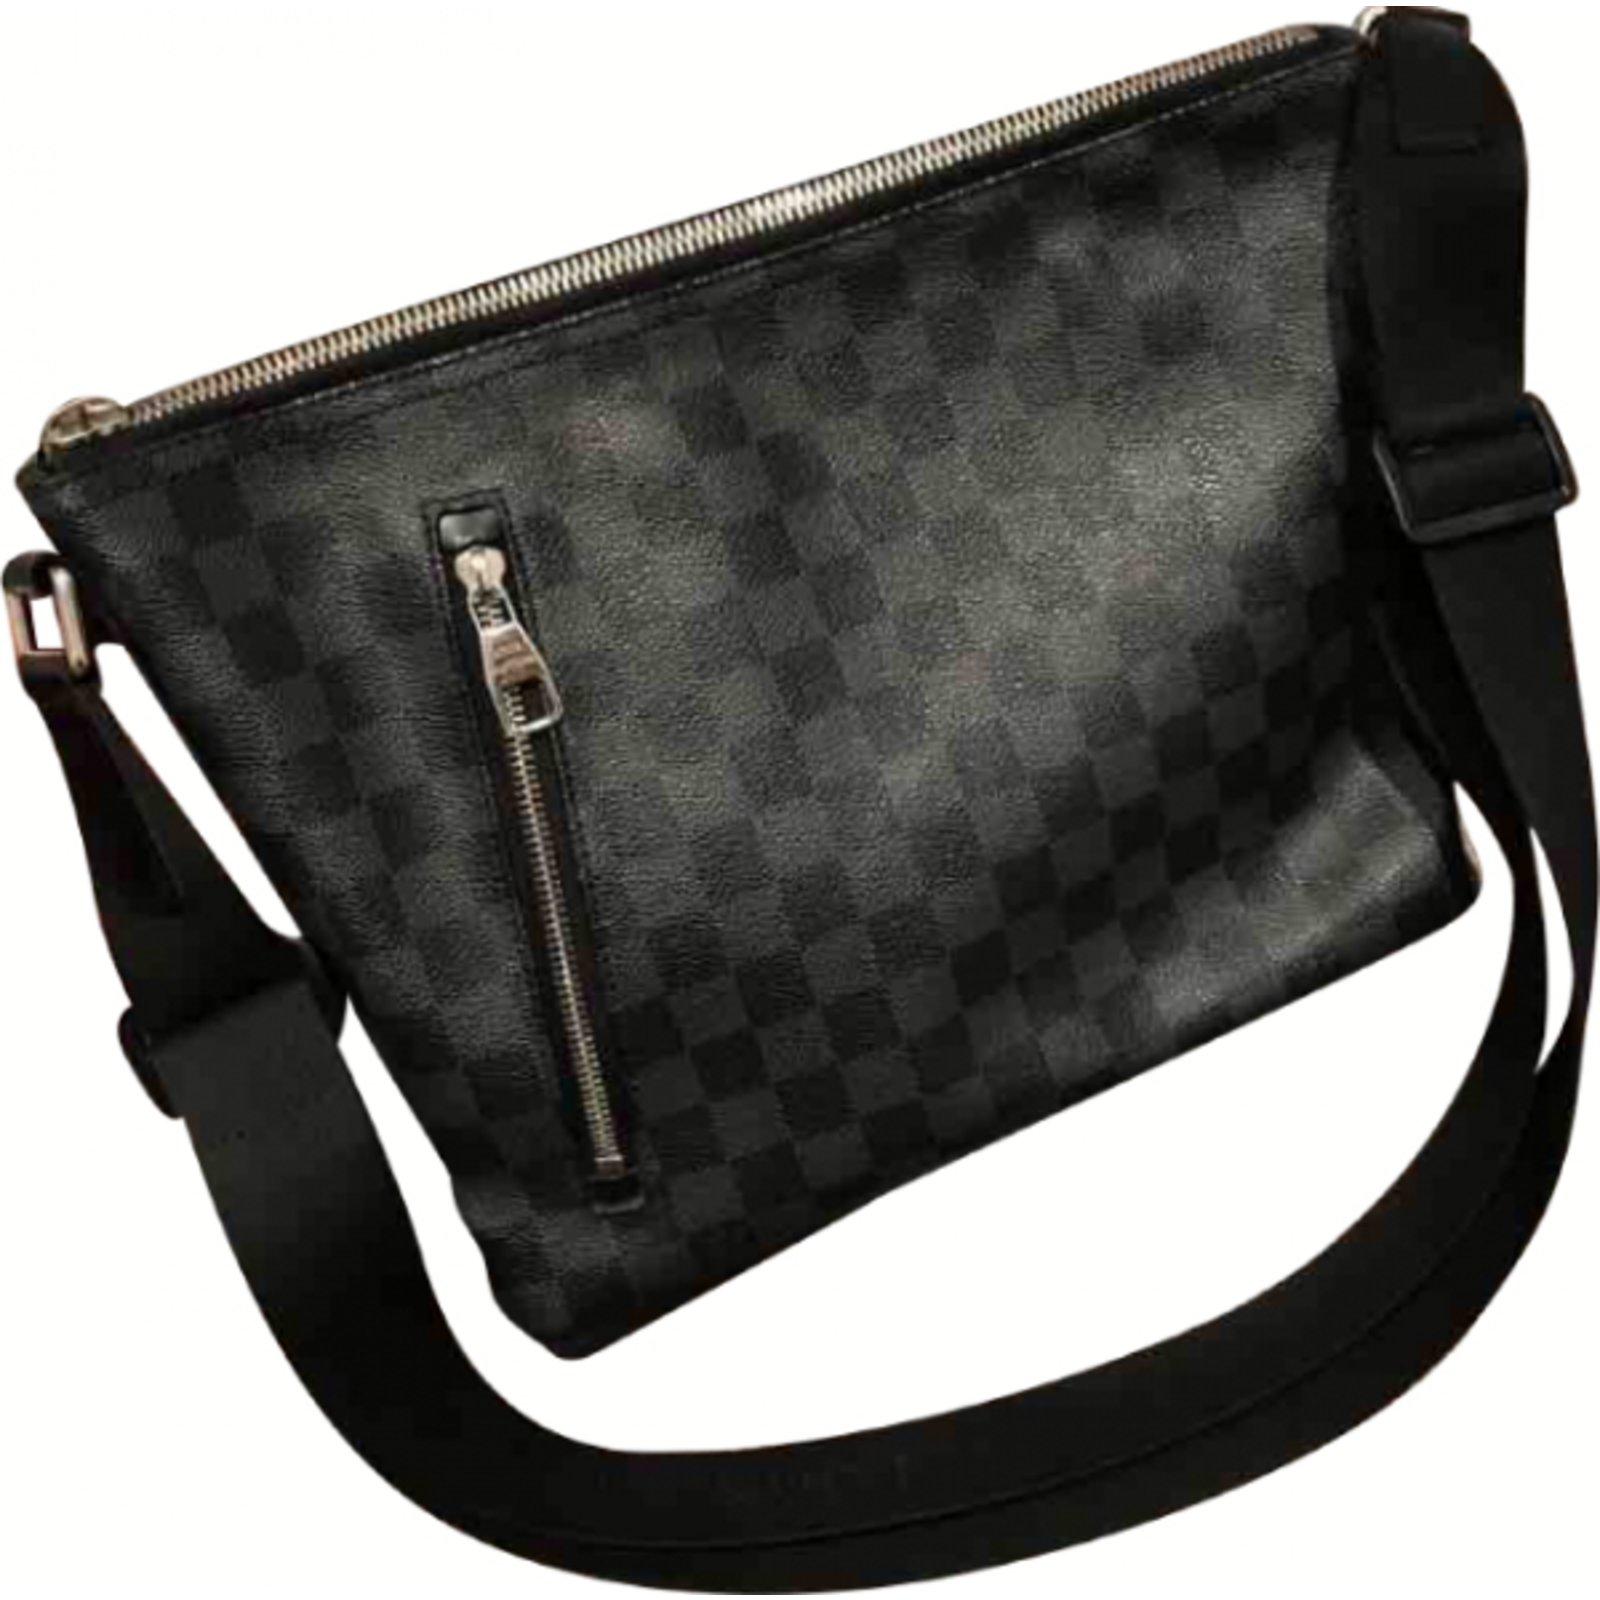 b12db7bd1e4 Pochettes Louis Vuitton Mick pm Cuir Noir ref.30671 - Joli Closet